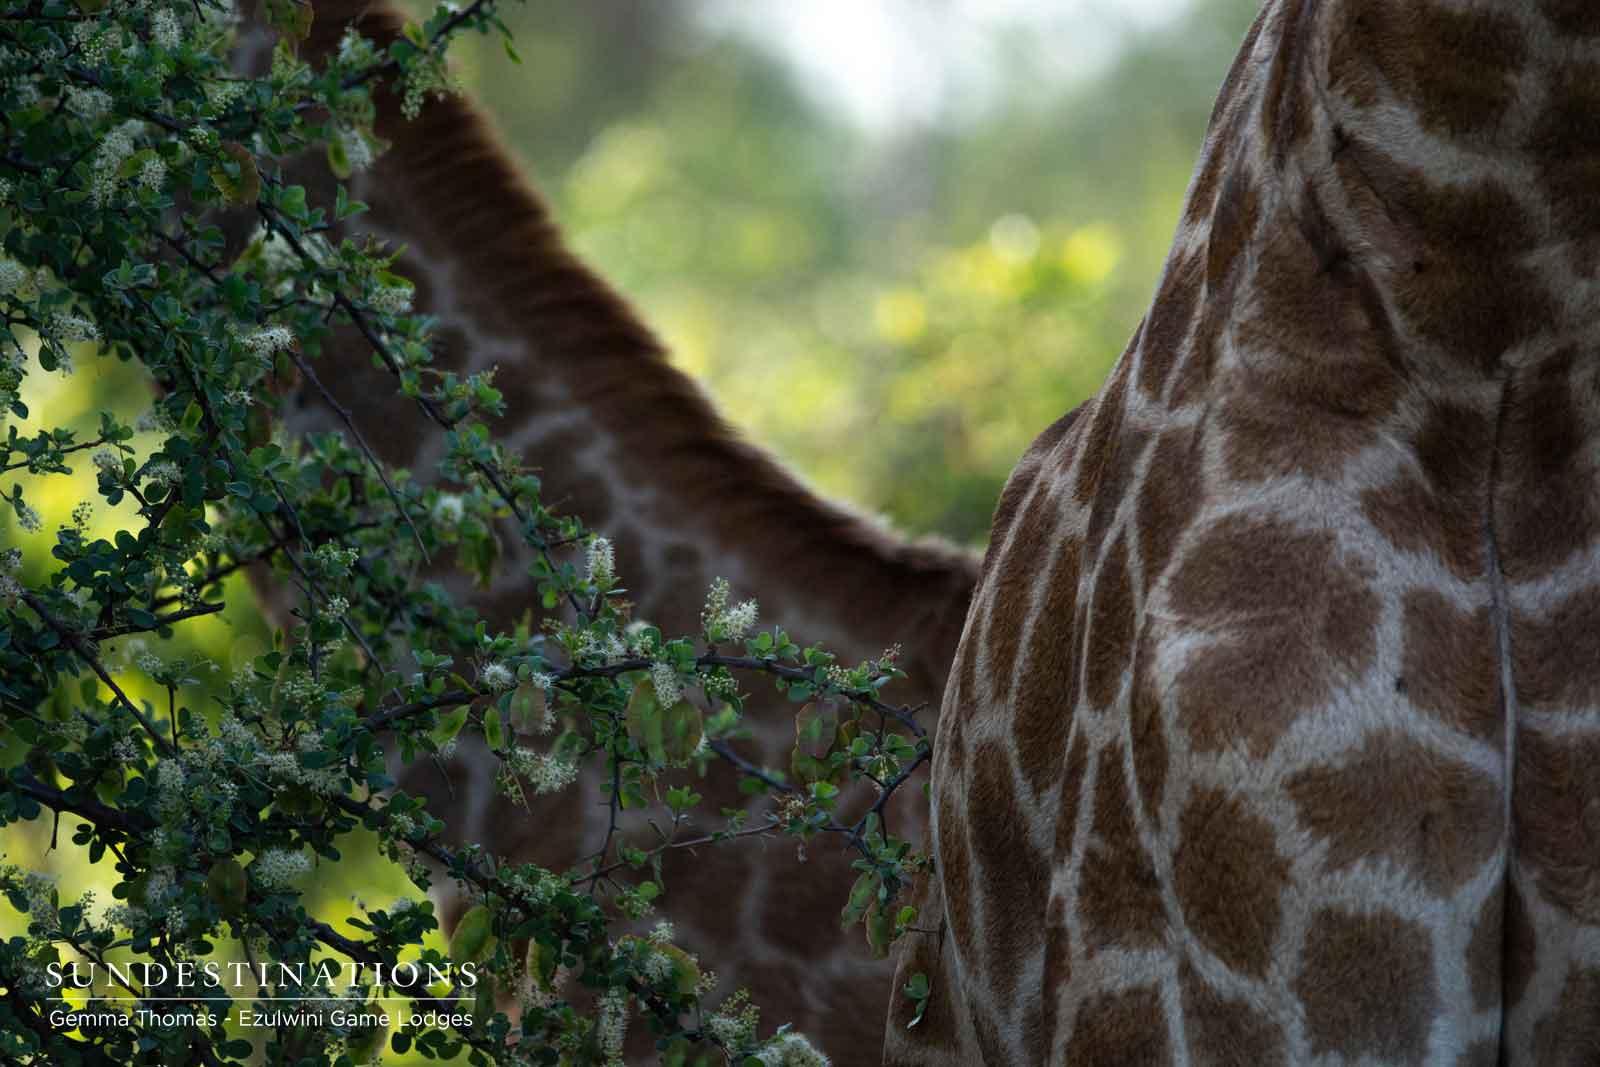 Giraffe Hide in Ezulwini